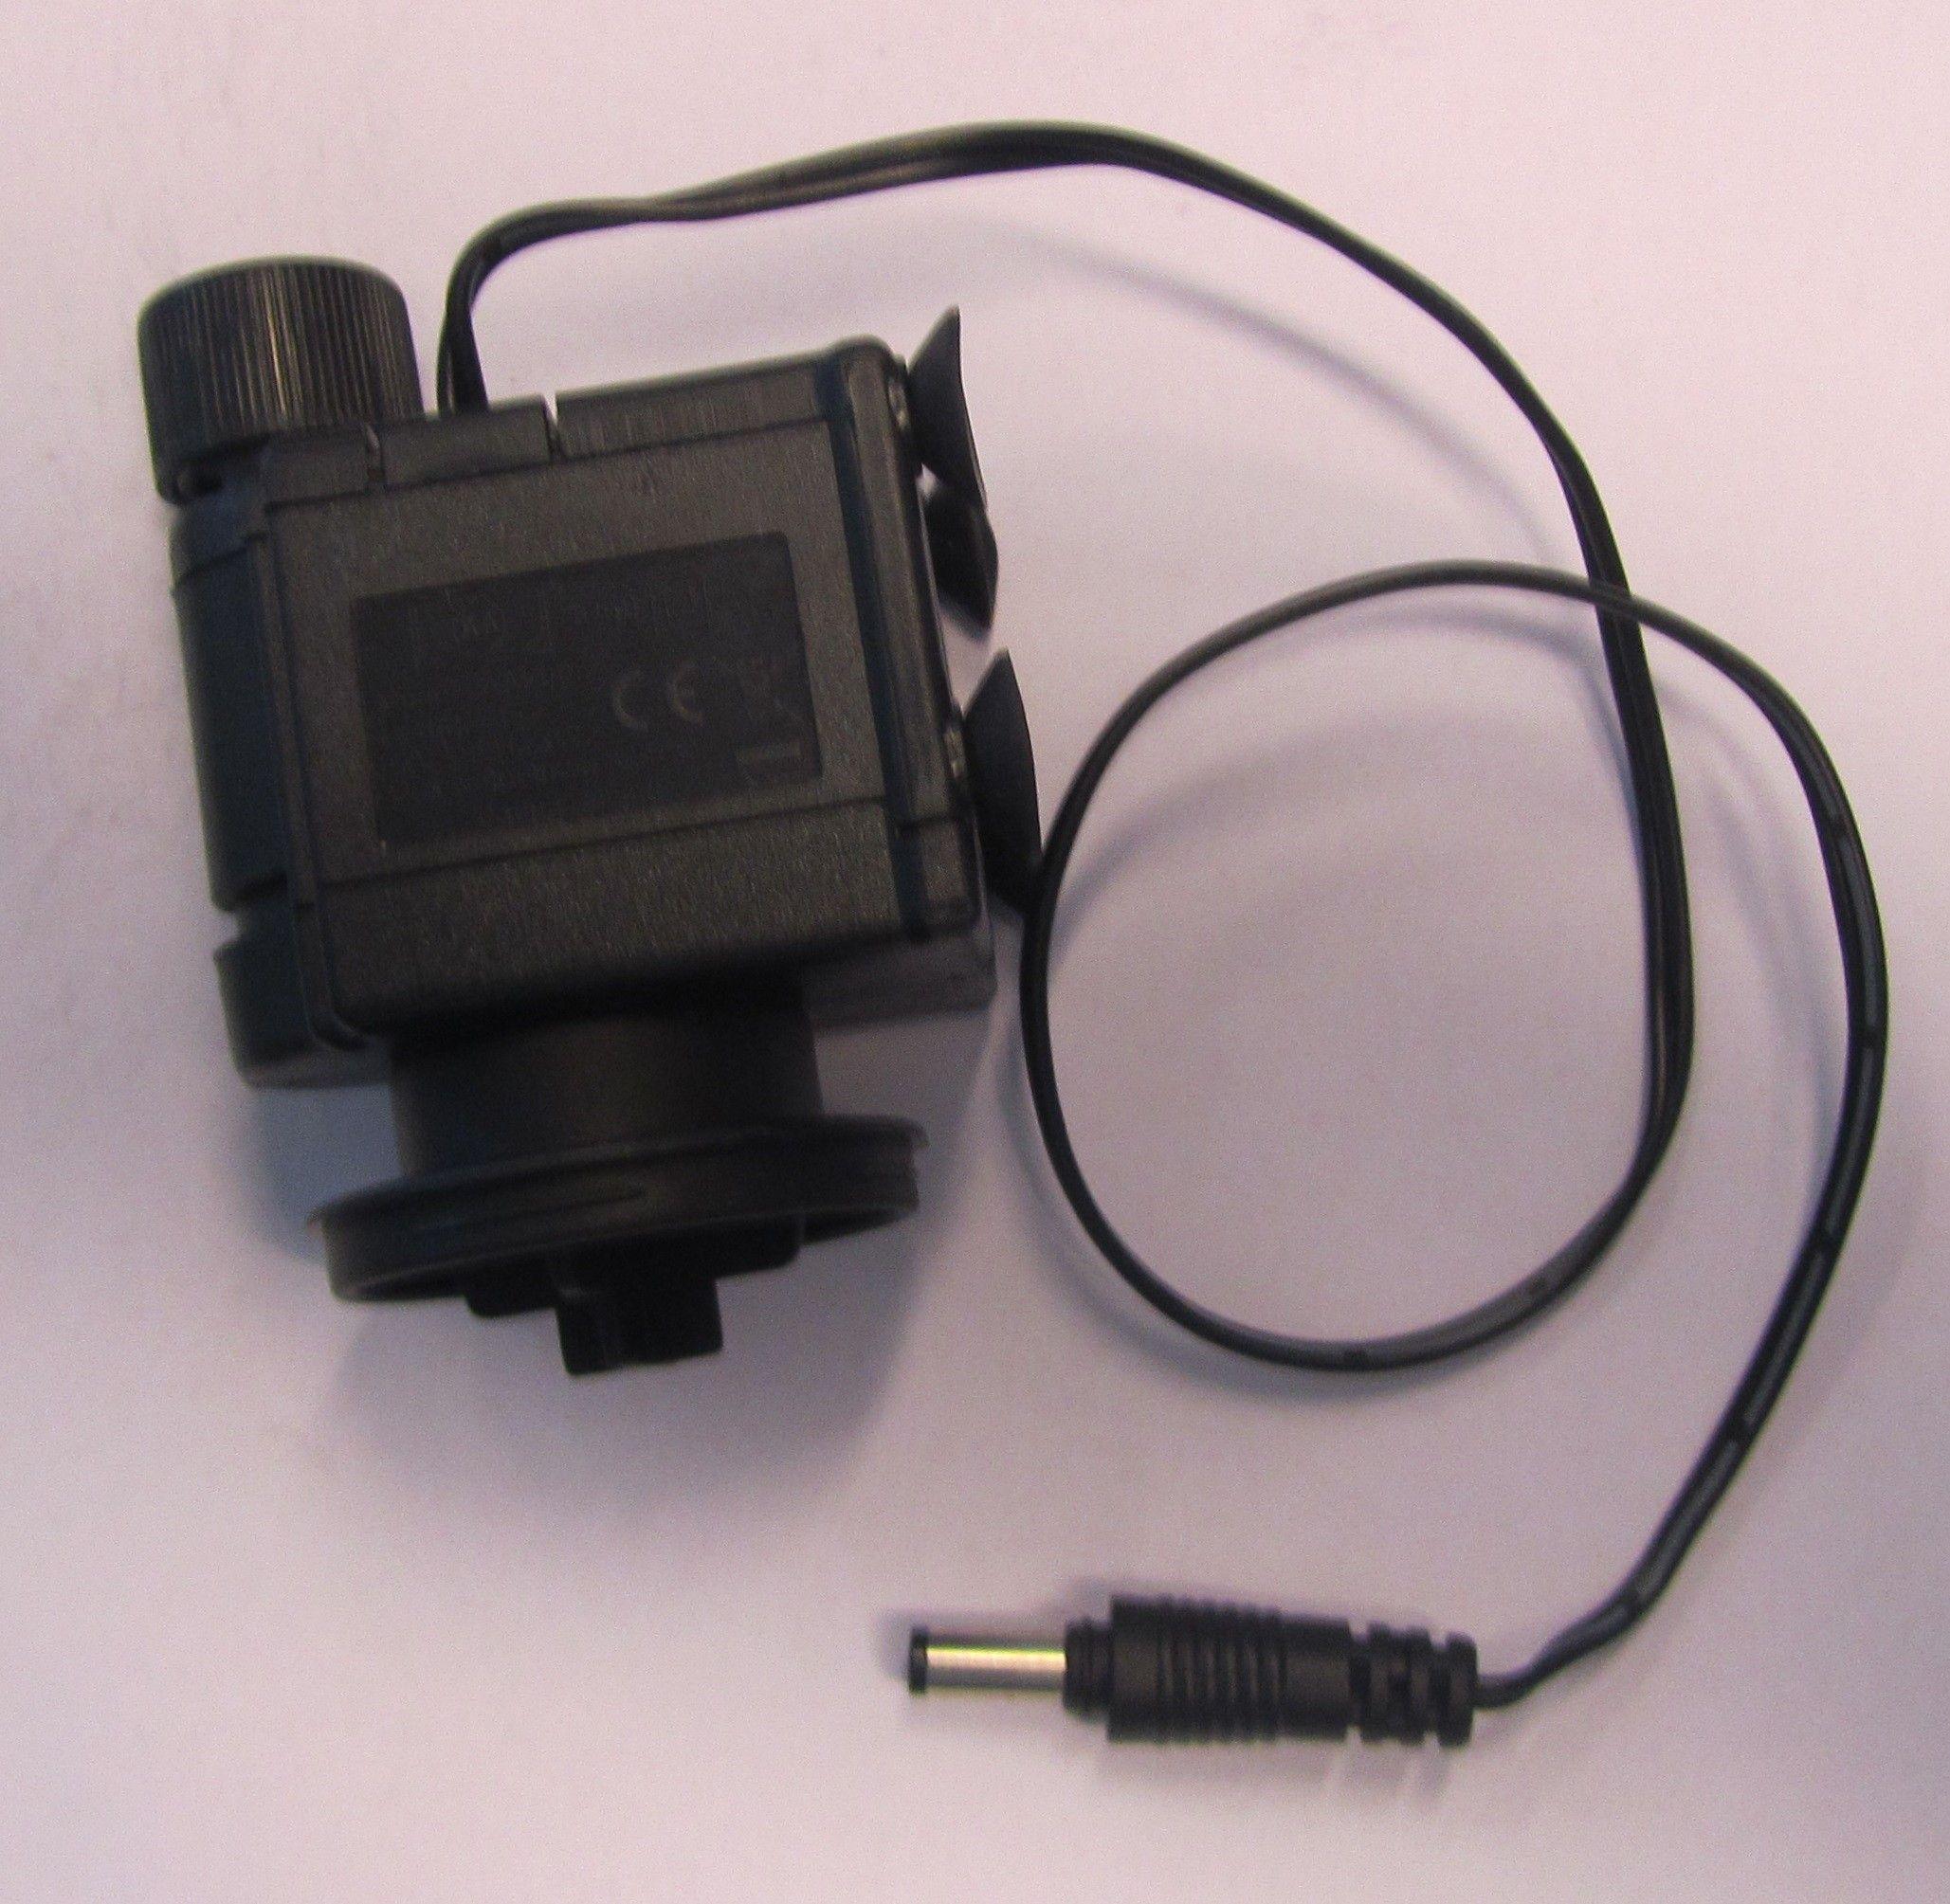 Pumpe til 5,5 ltr. Aquabox